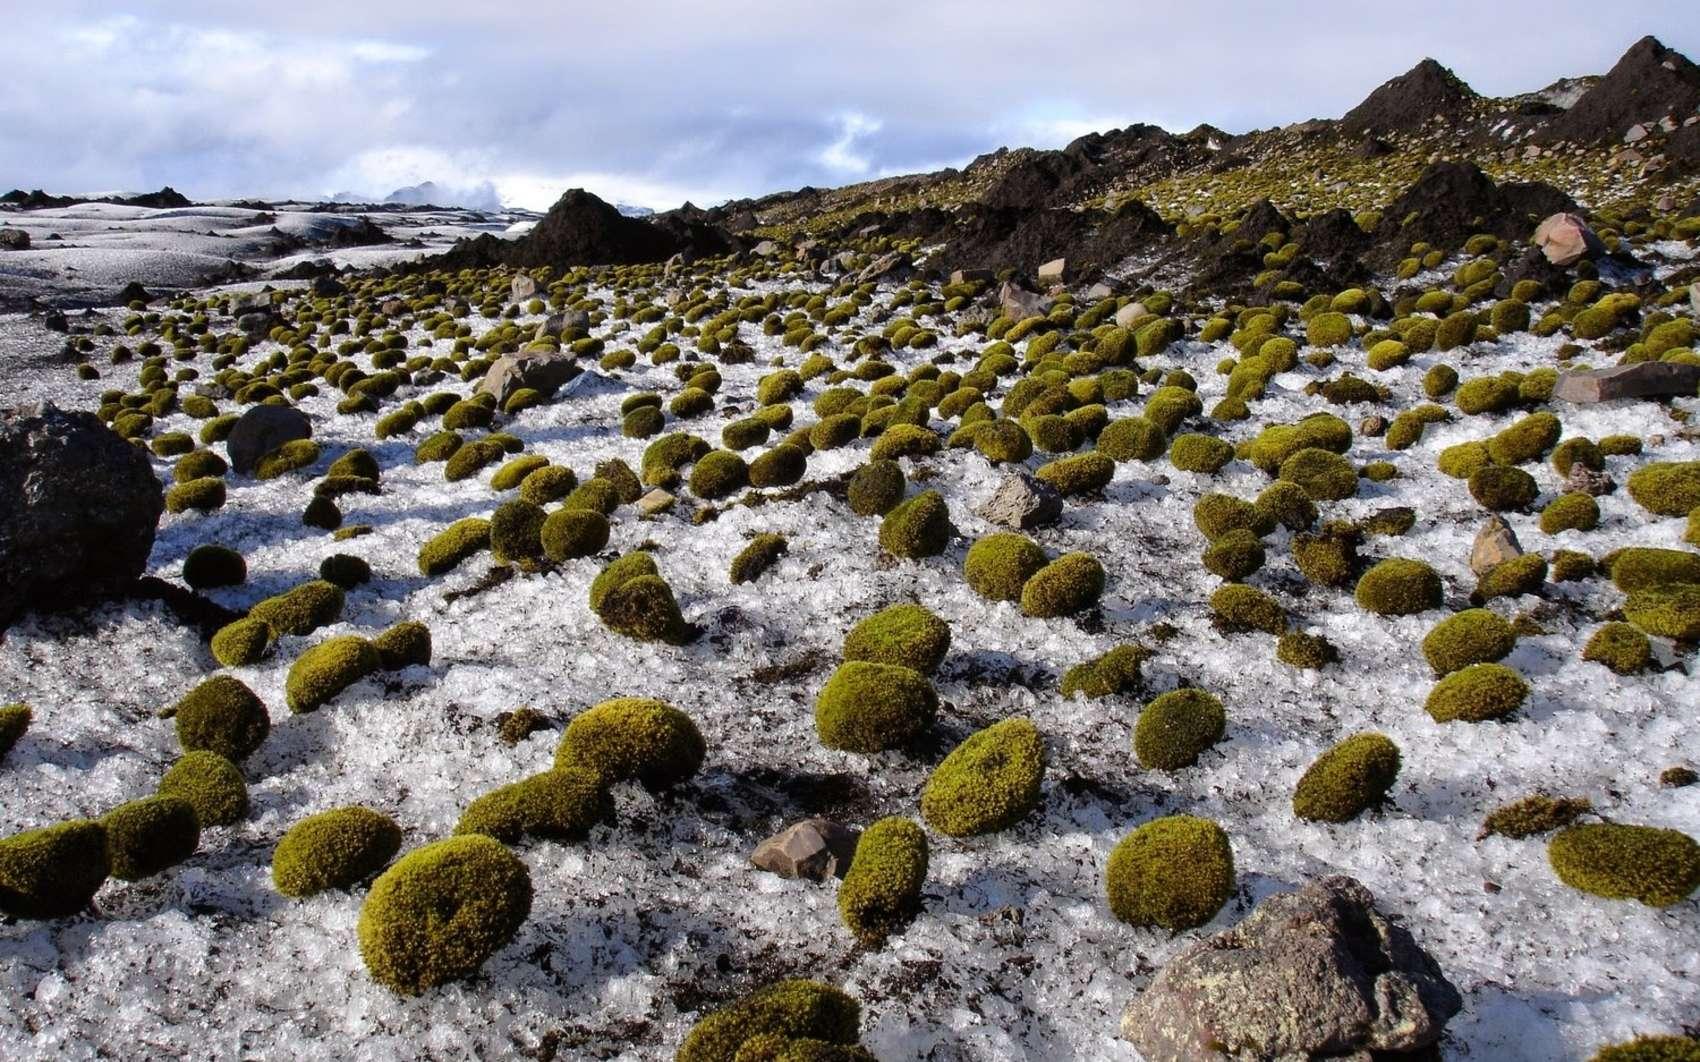 Des boules de mousse photographiées sur un glacier en Islande. © Ruth Mottram